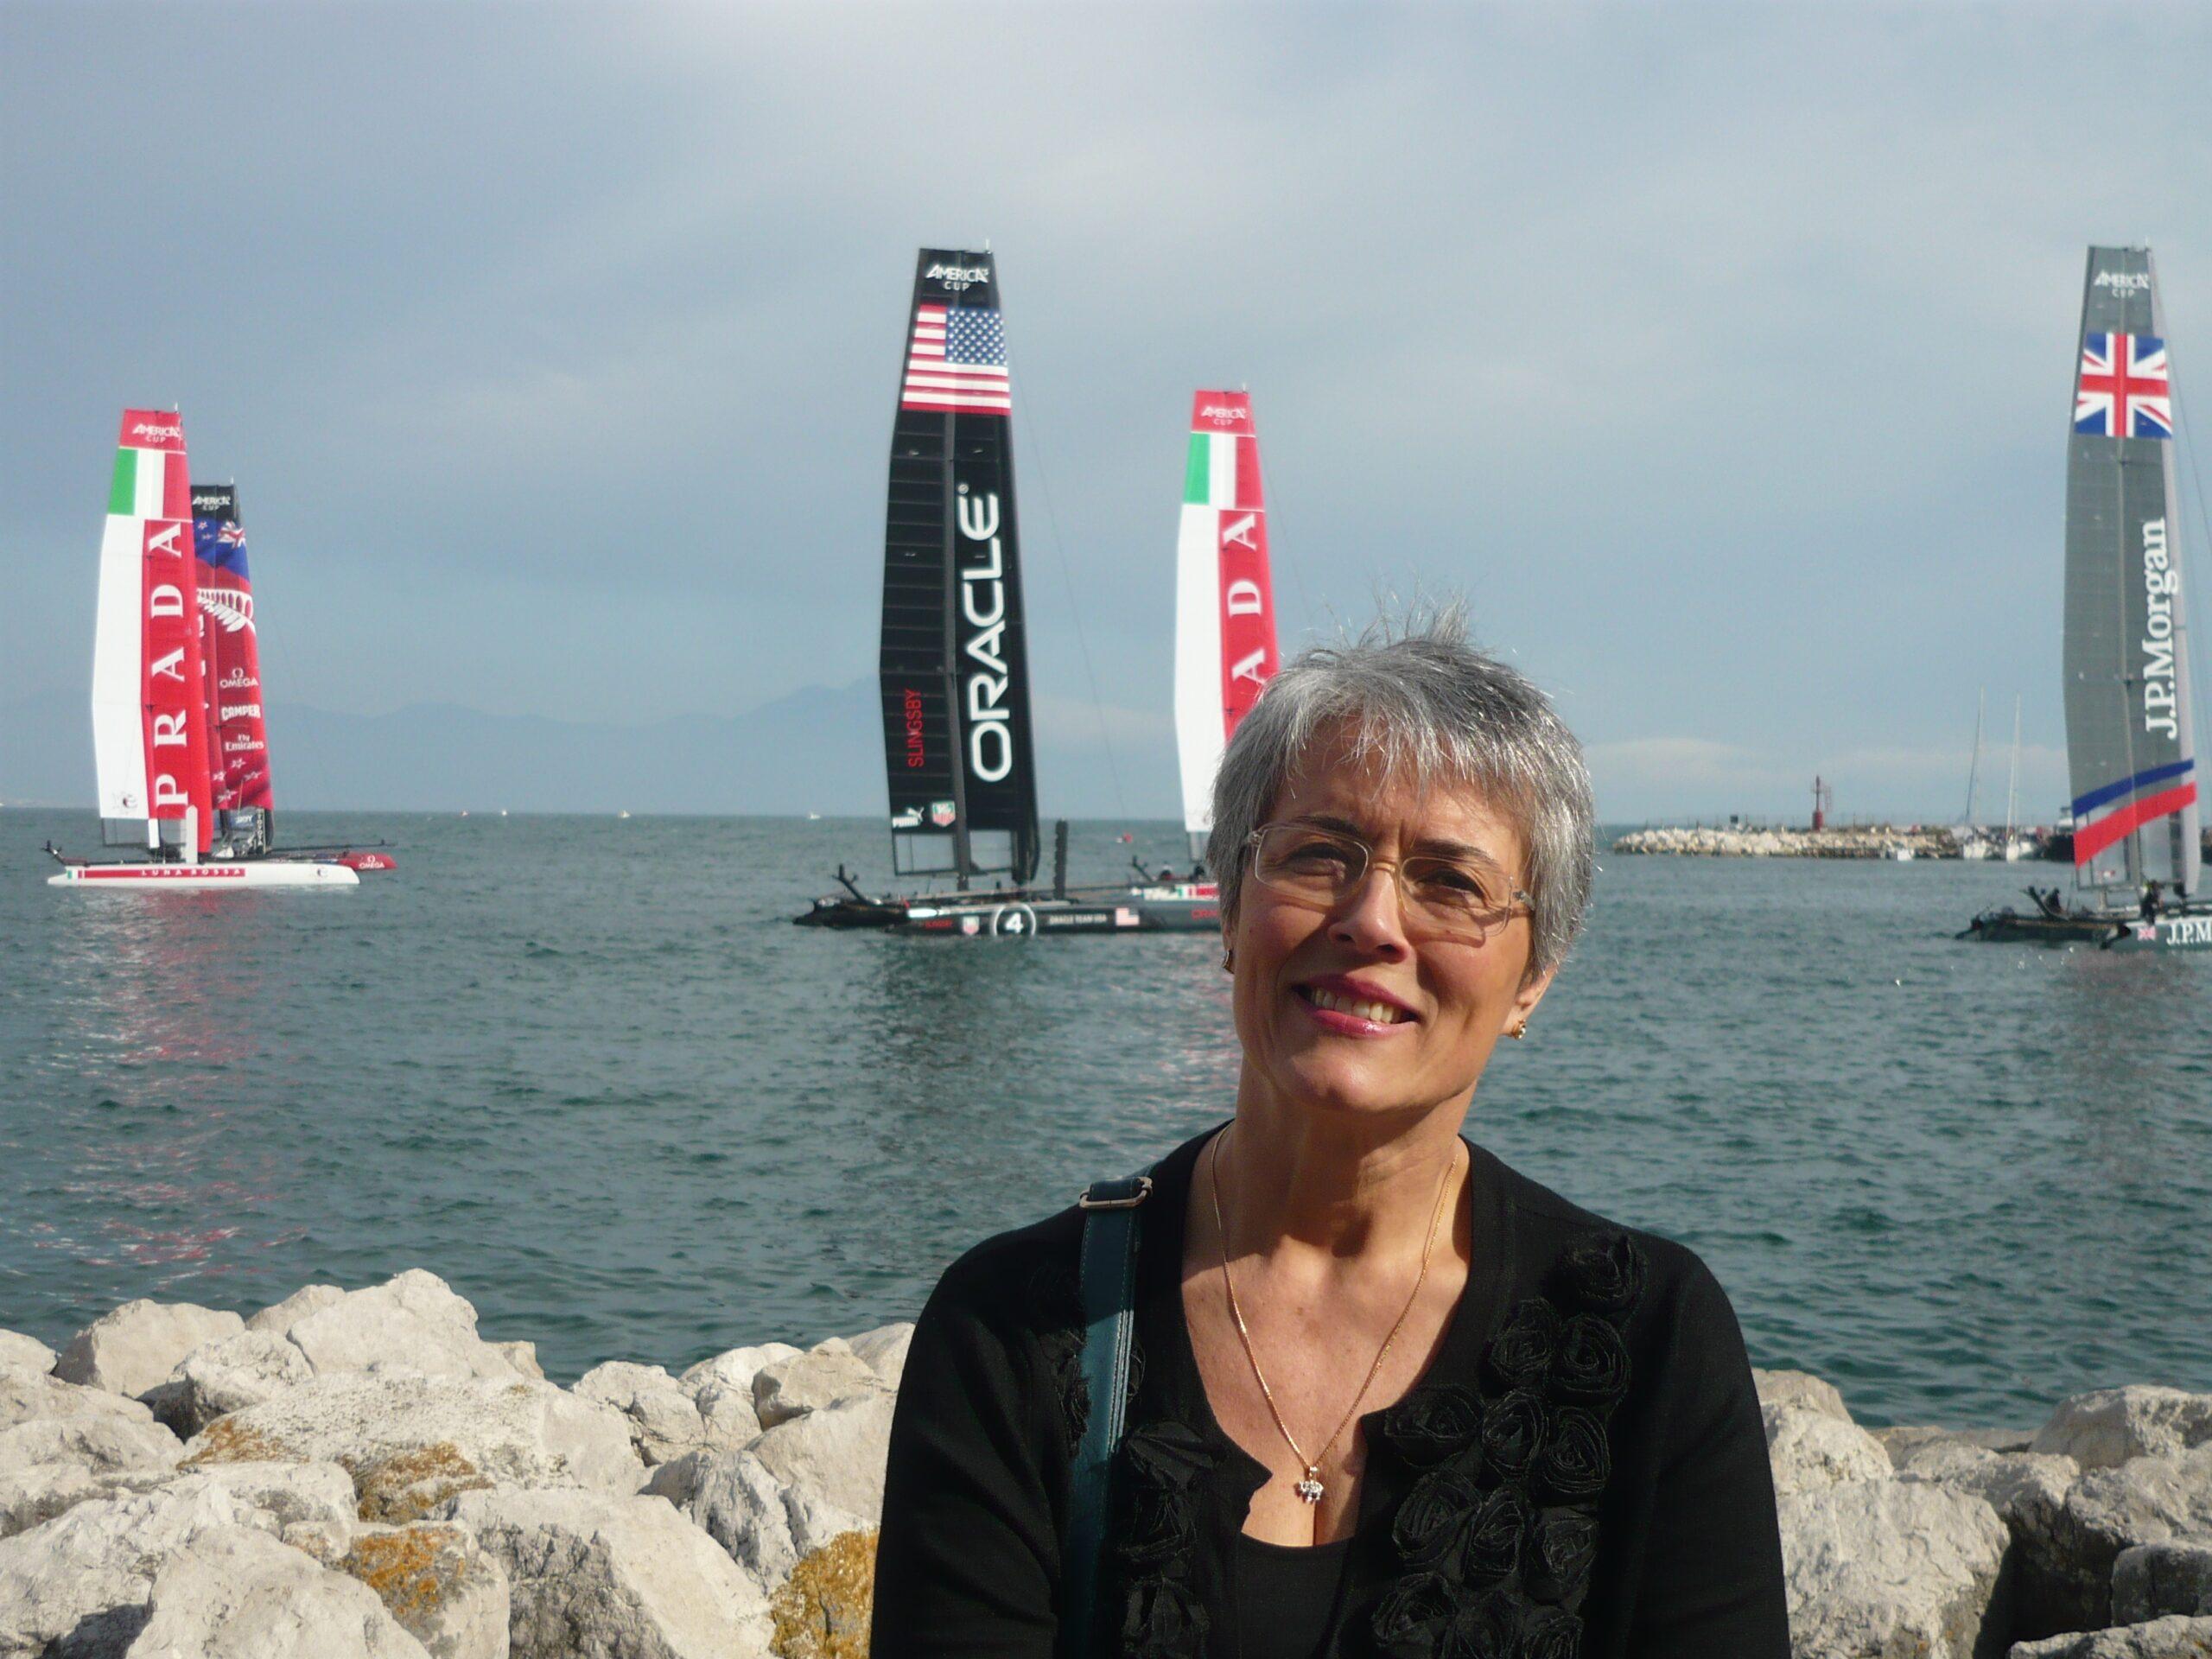 Virginia Vaccaro